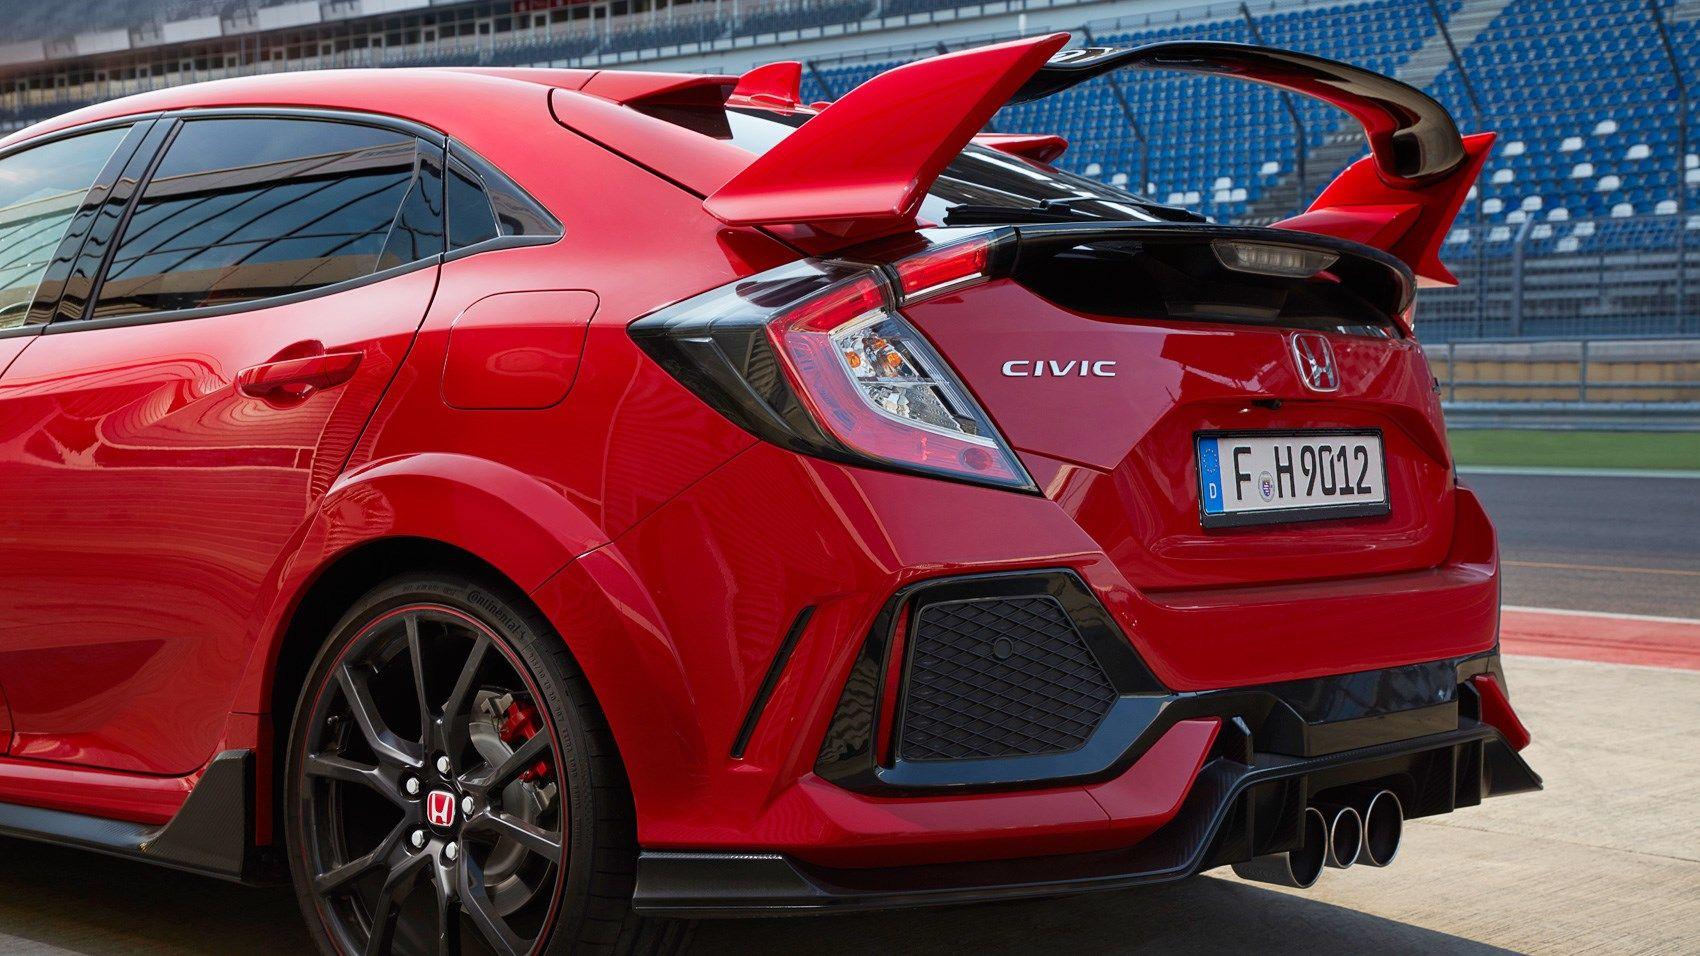 Honda Civic Type R Honda Civic Type R Honda Civic Honda Civic Sport